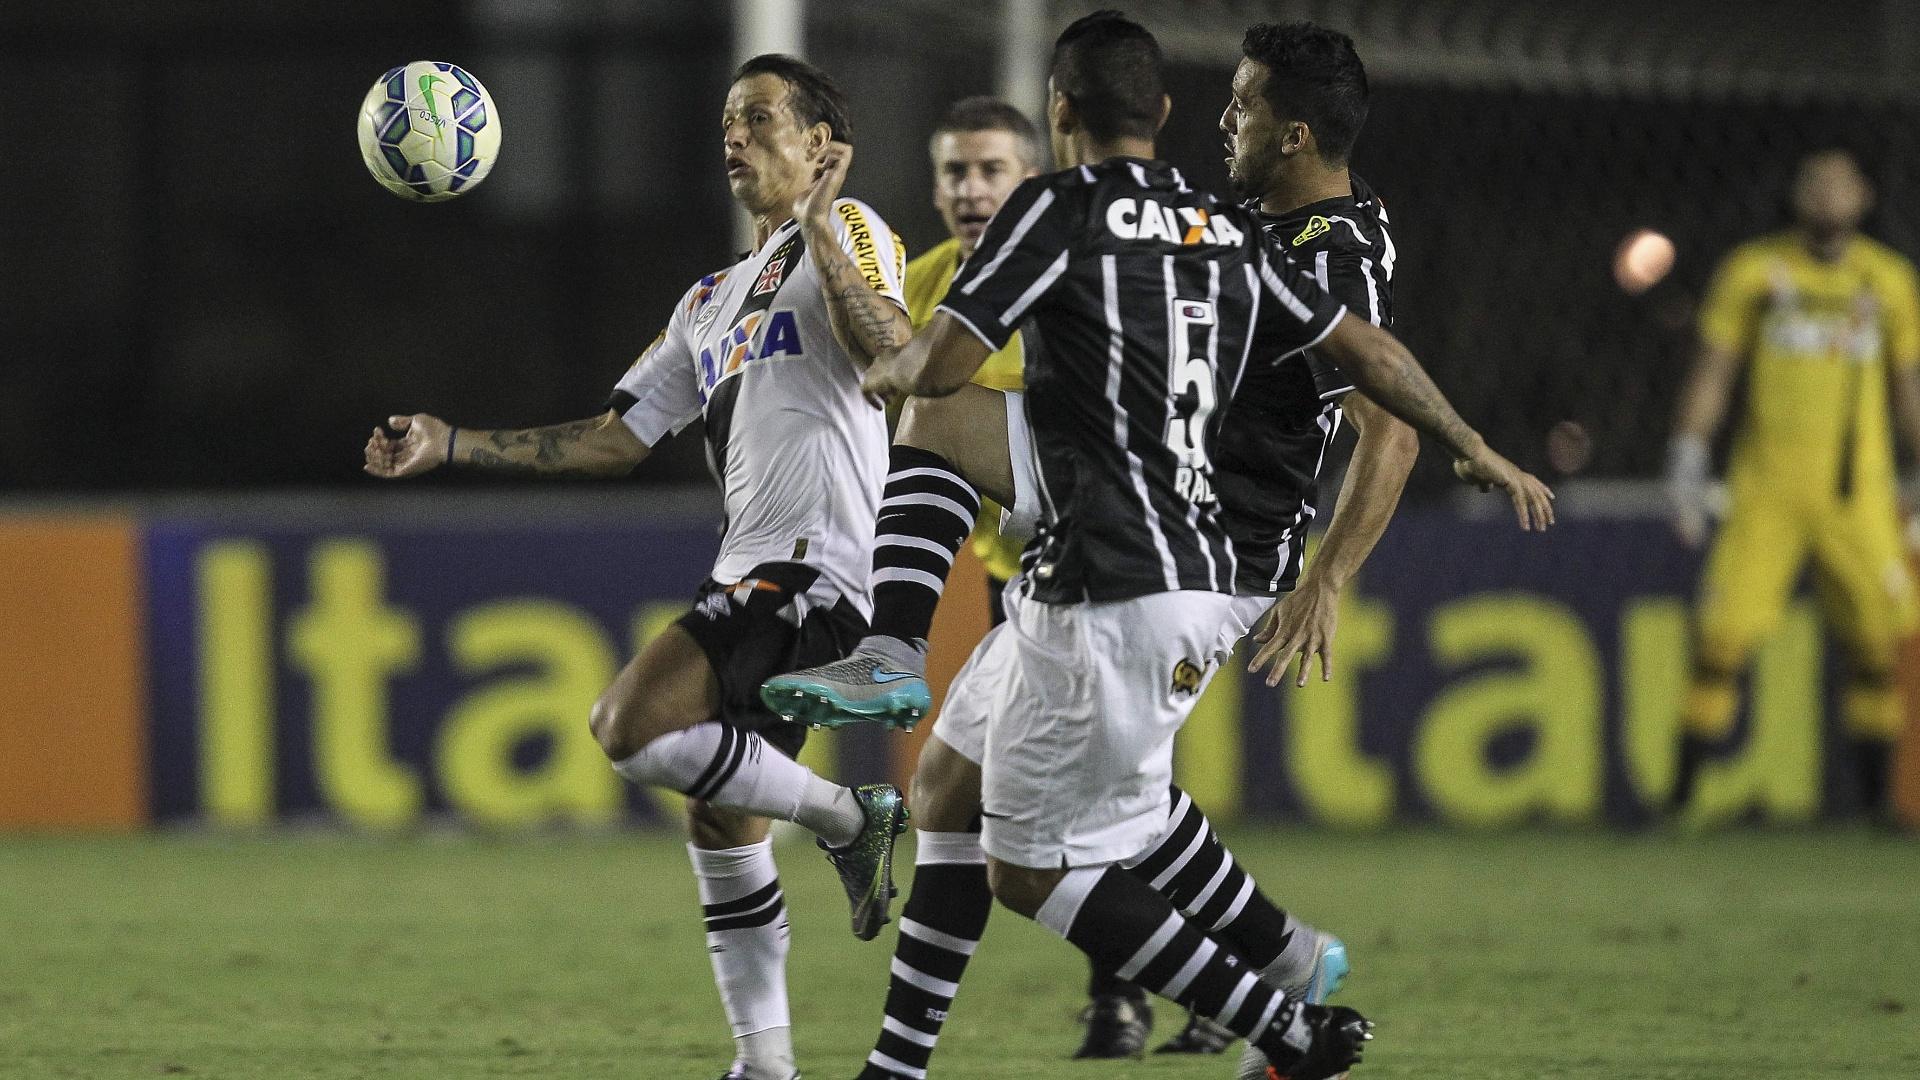 Diguinho disputa a bola com Ralf e Edilson na partida entre Vasco e Corinthians